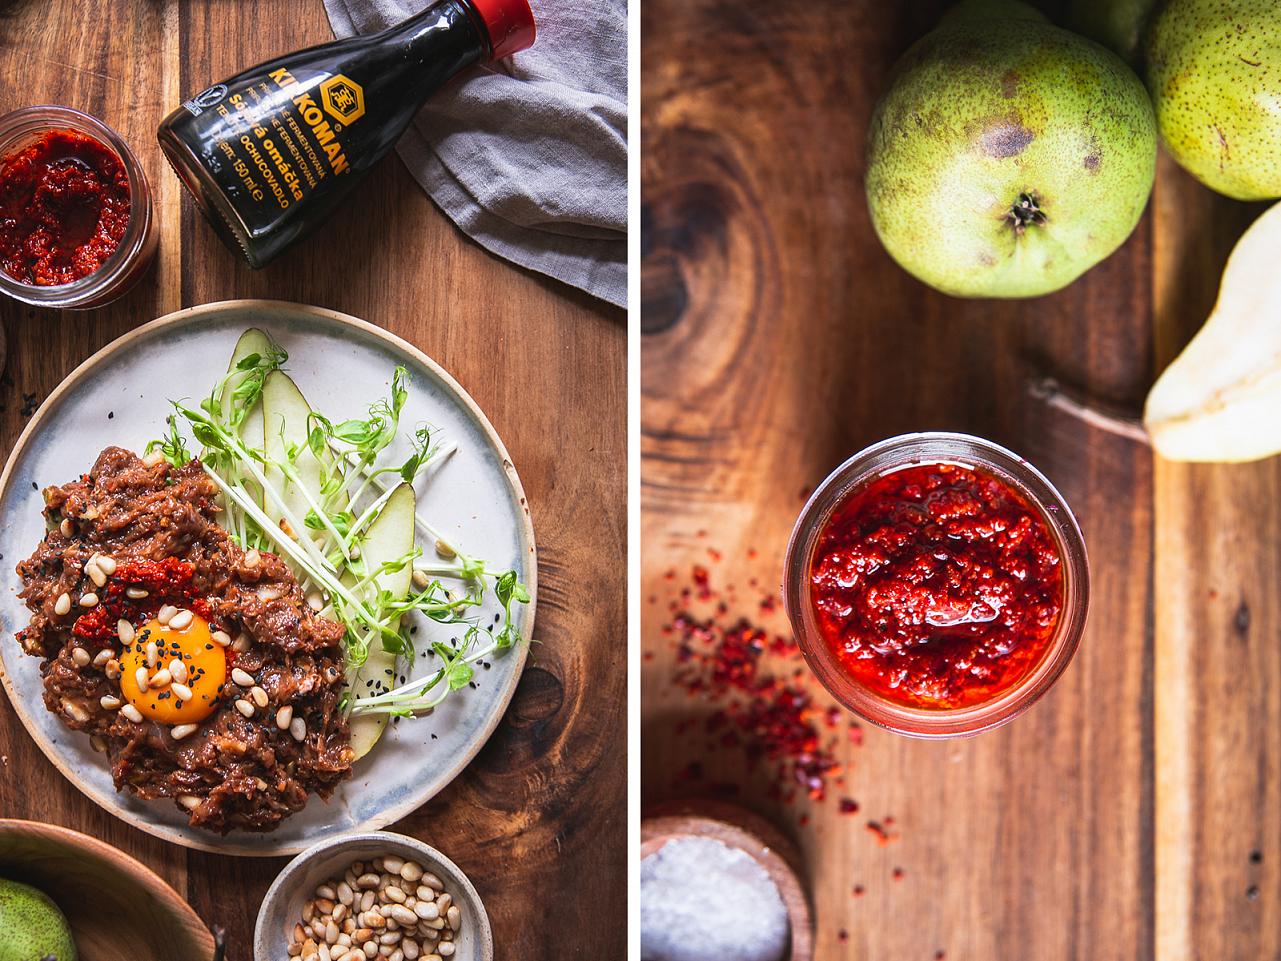 Tatarák s hruškou s domácí chilli pastou a fermentovanou sojovou omáčkou